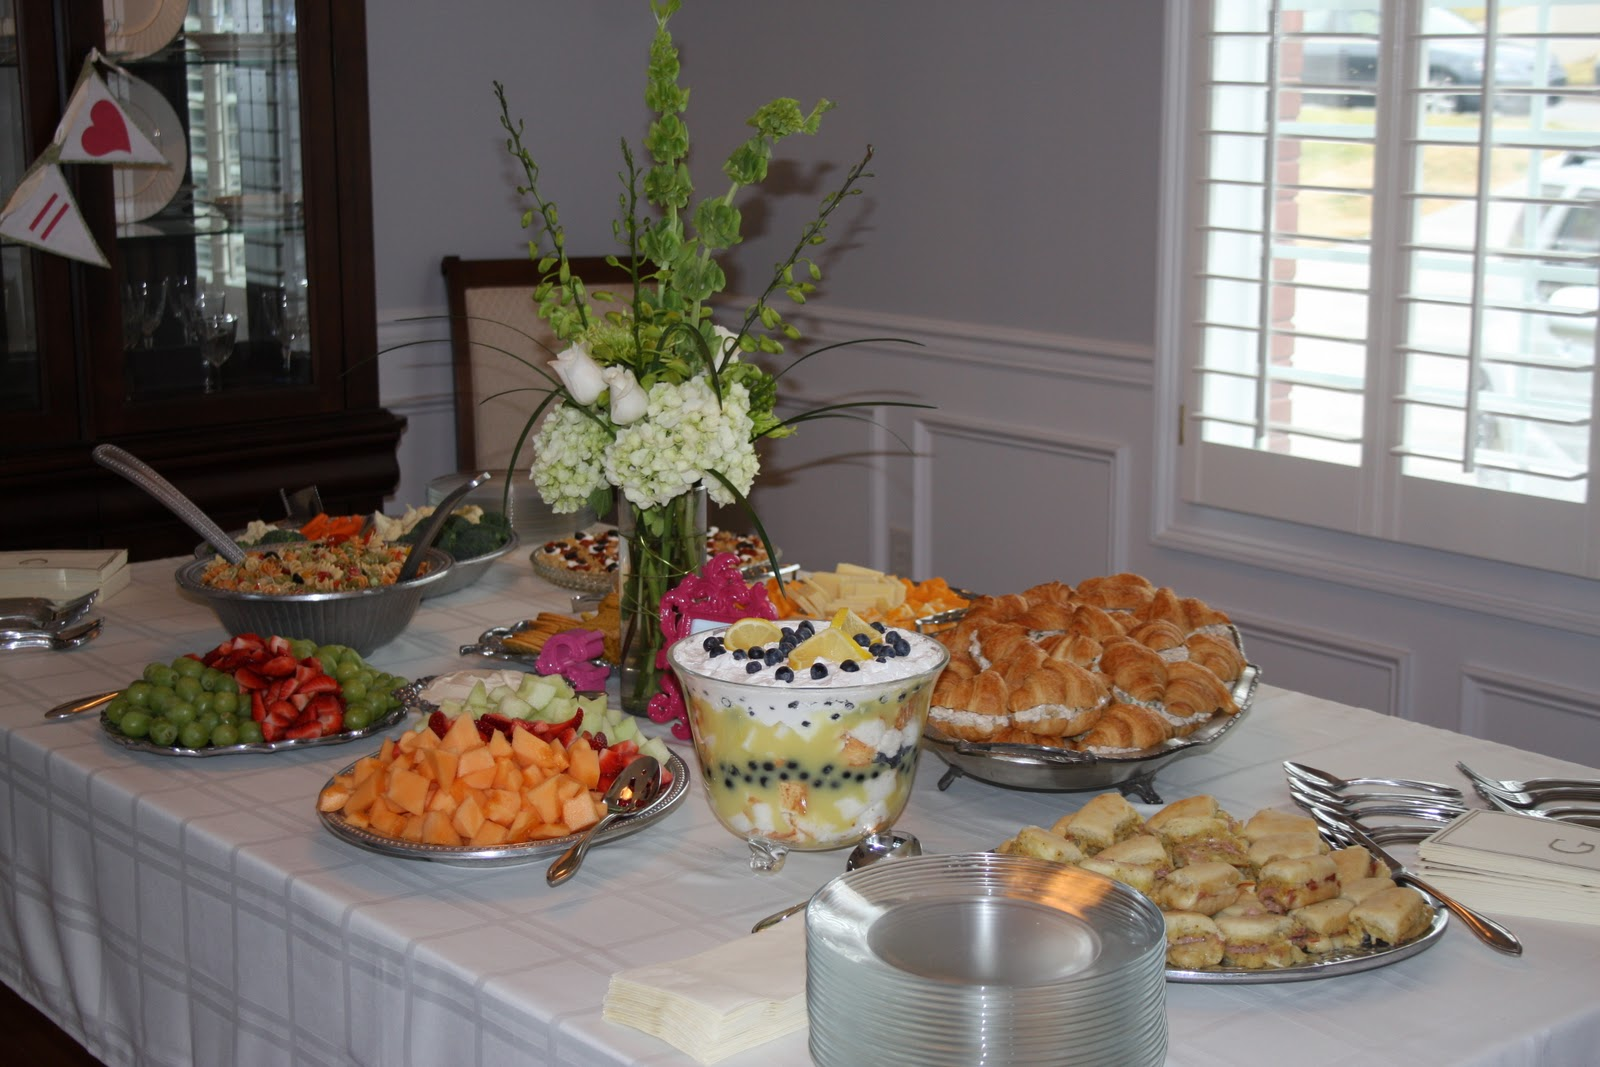 The Kitchen-ette: Bridal Shower Food Ideas